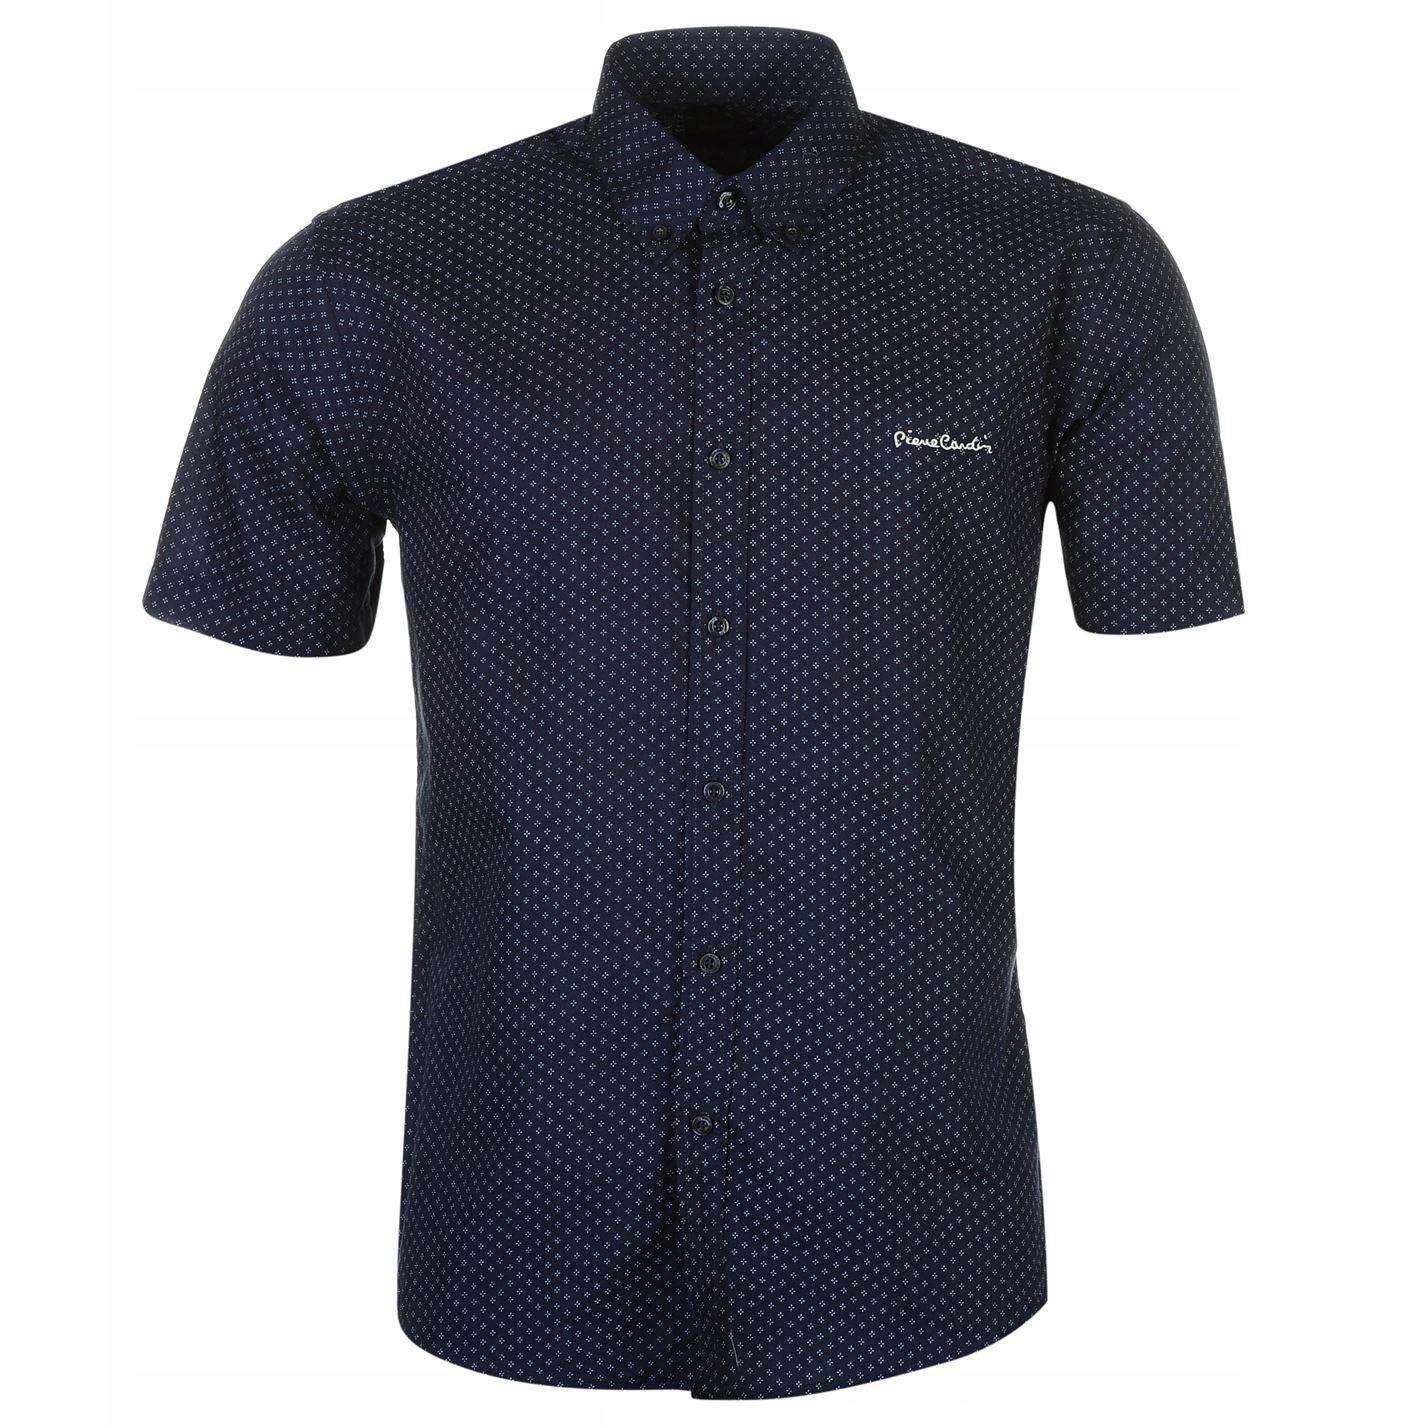 E1826 PIERRE CARDIN koszula krótki rękaw męska XXL